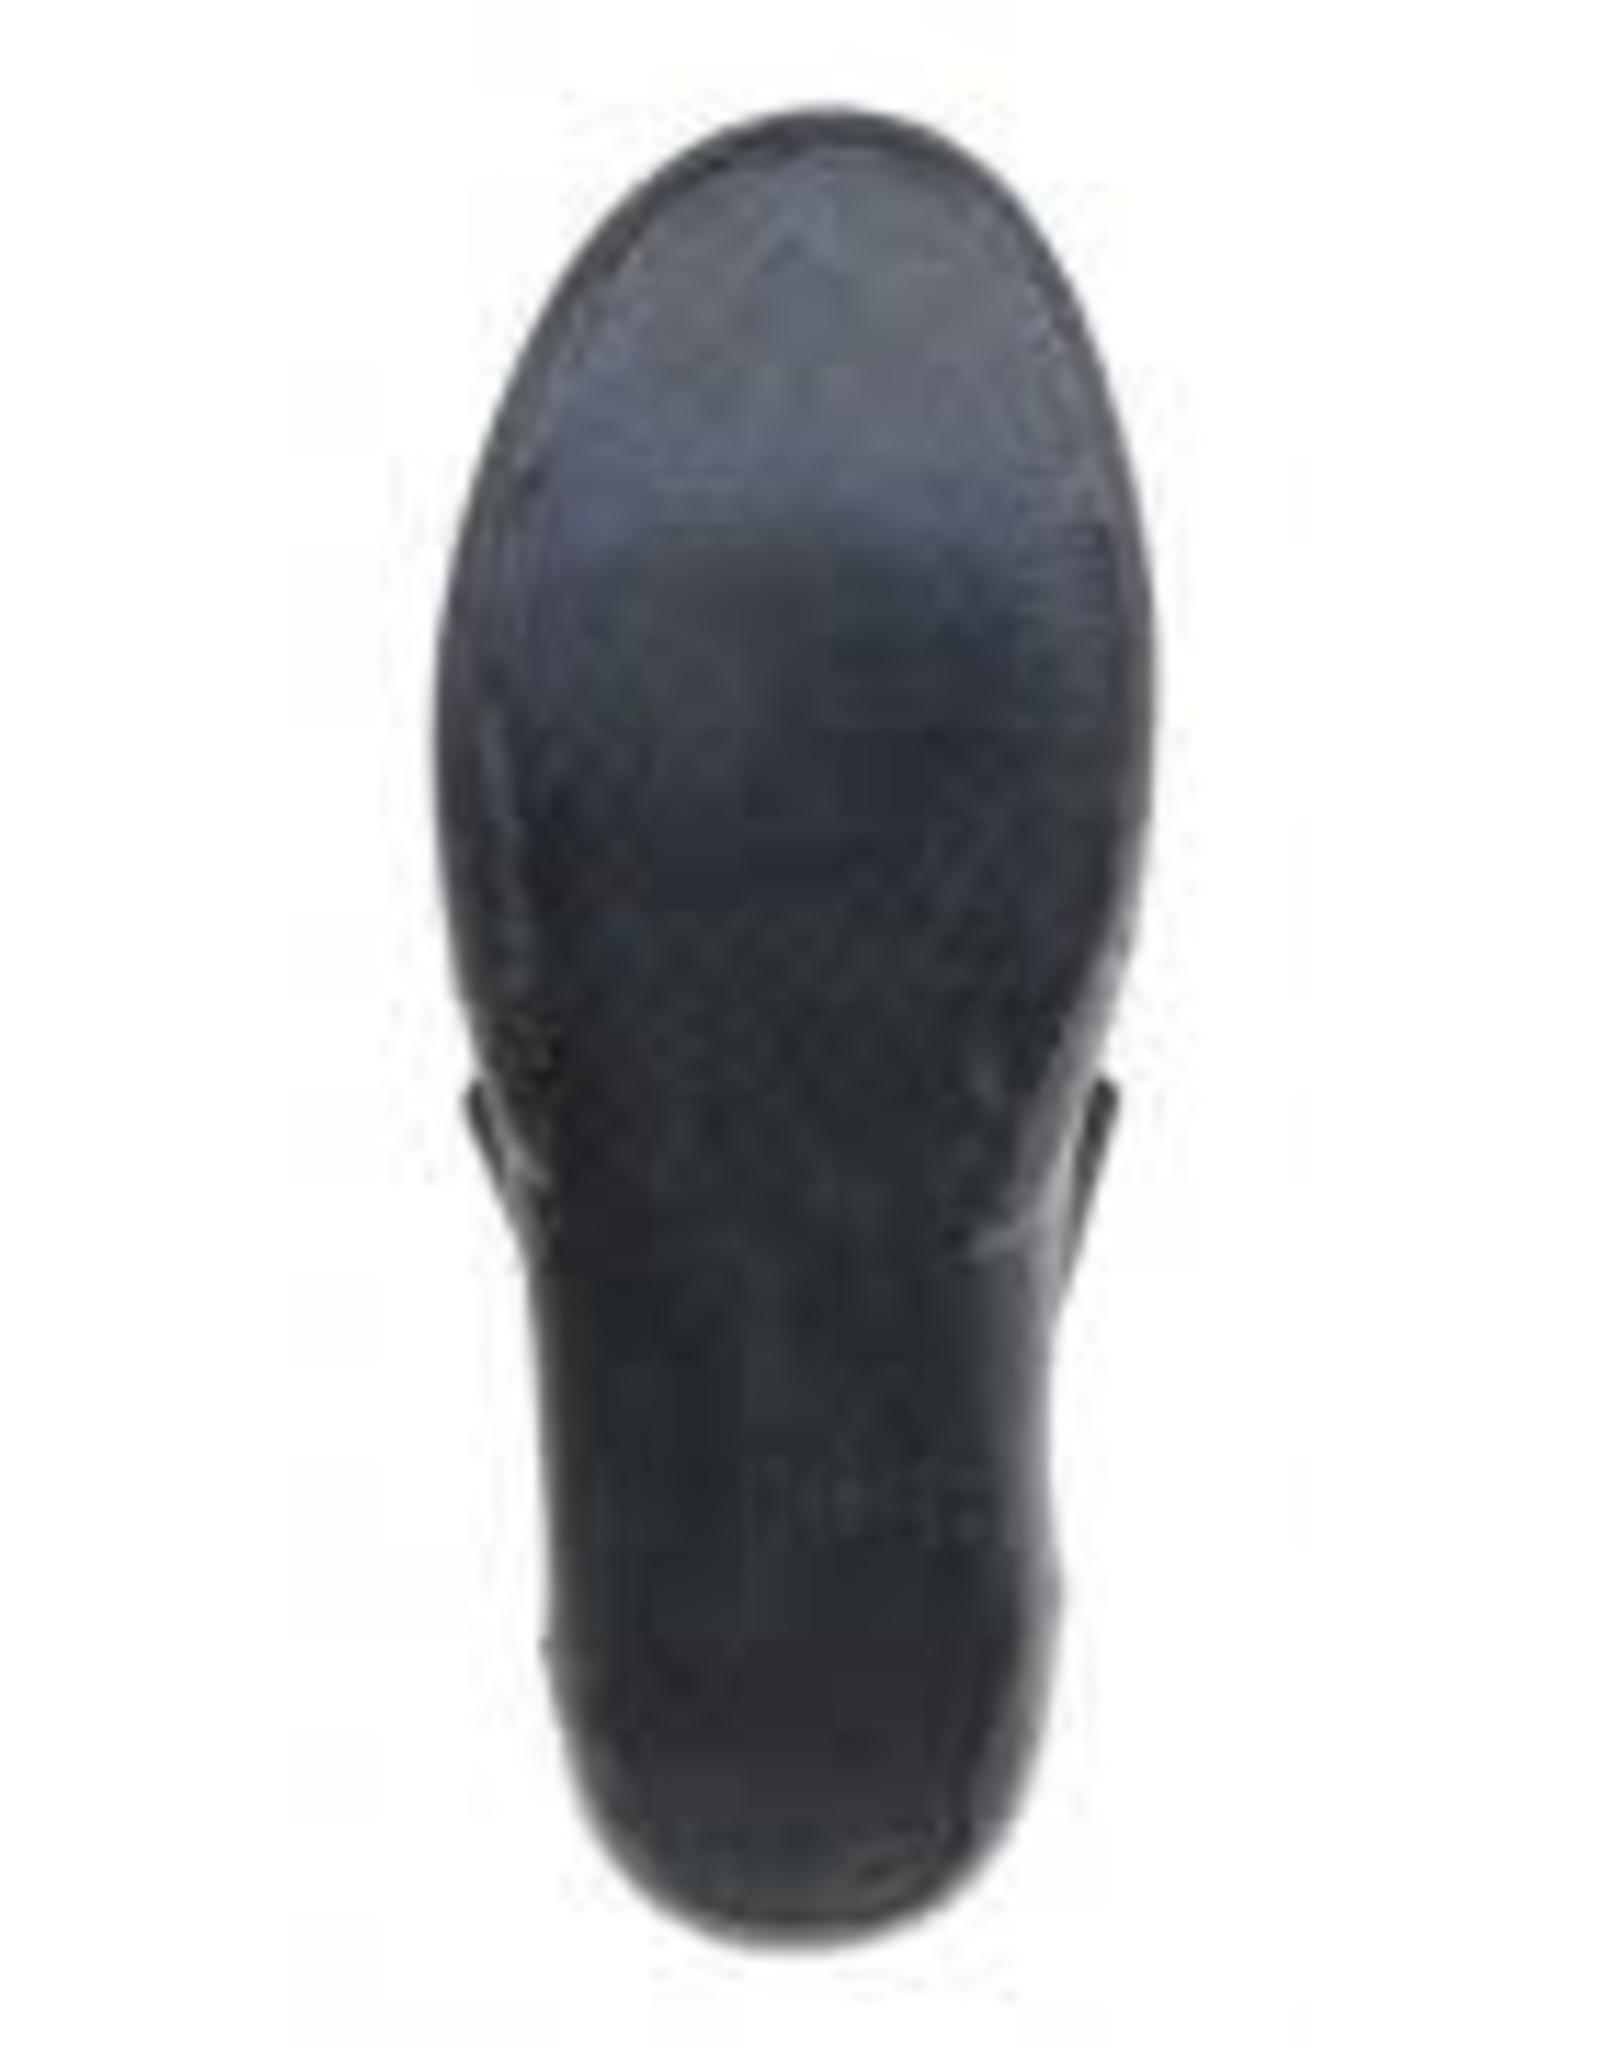 Hyperflex 5MM AXS Round Toe Boot